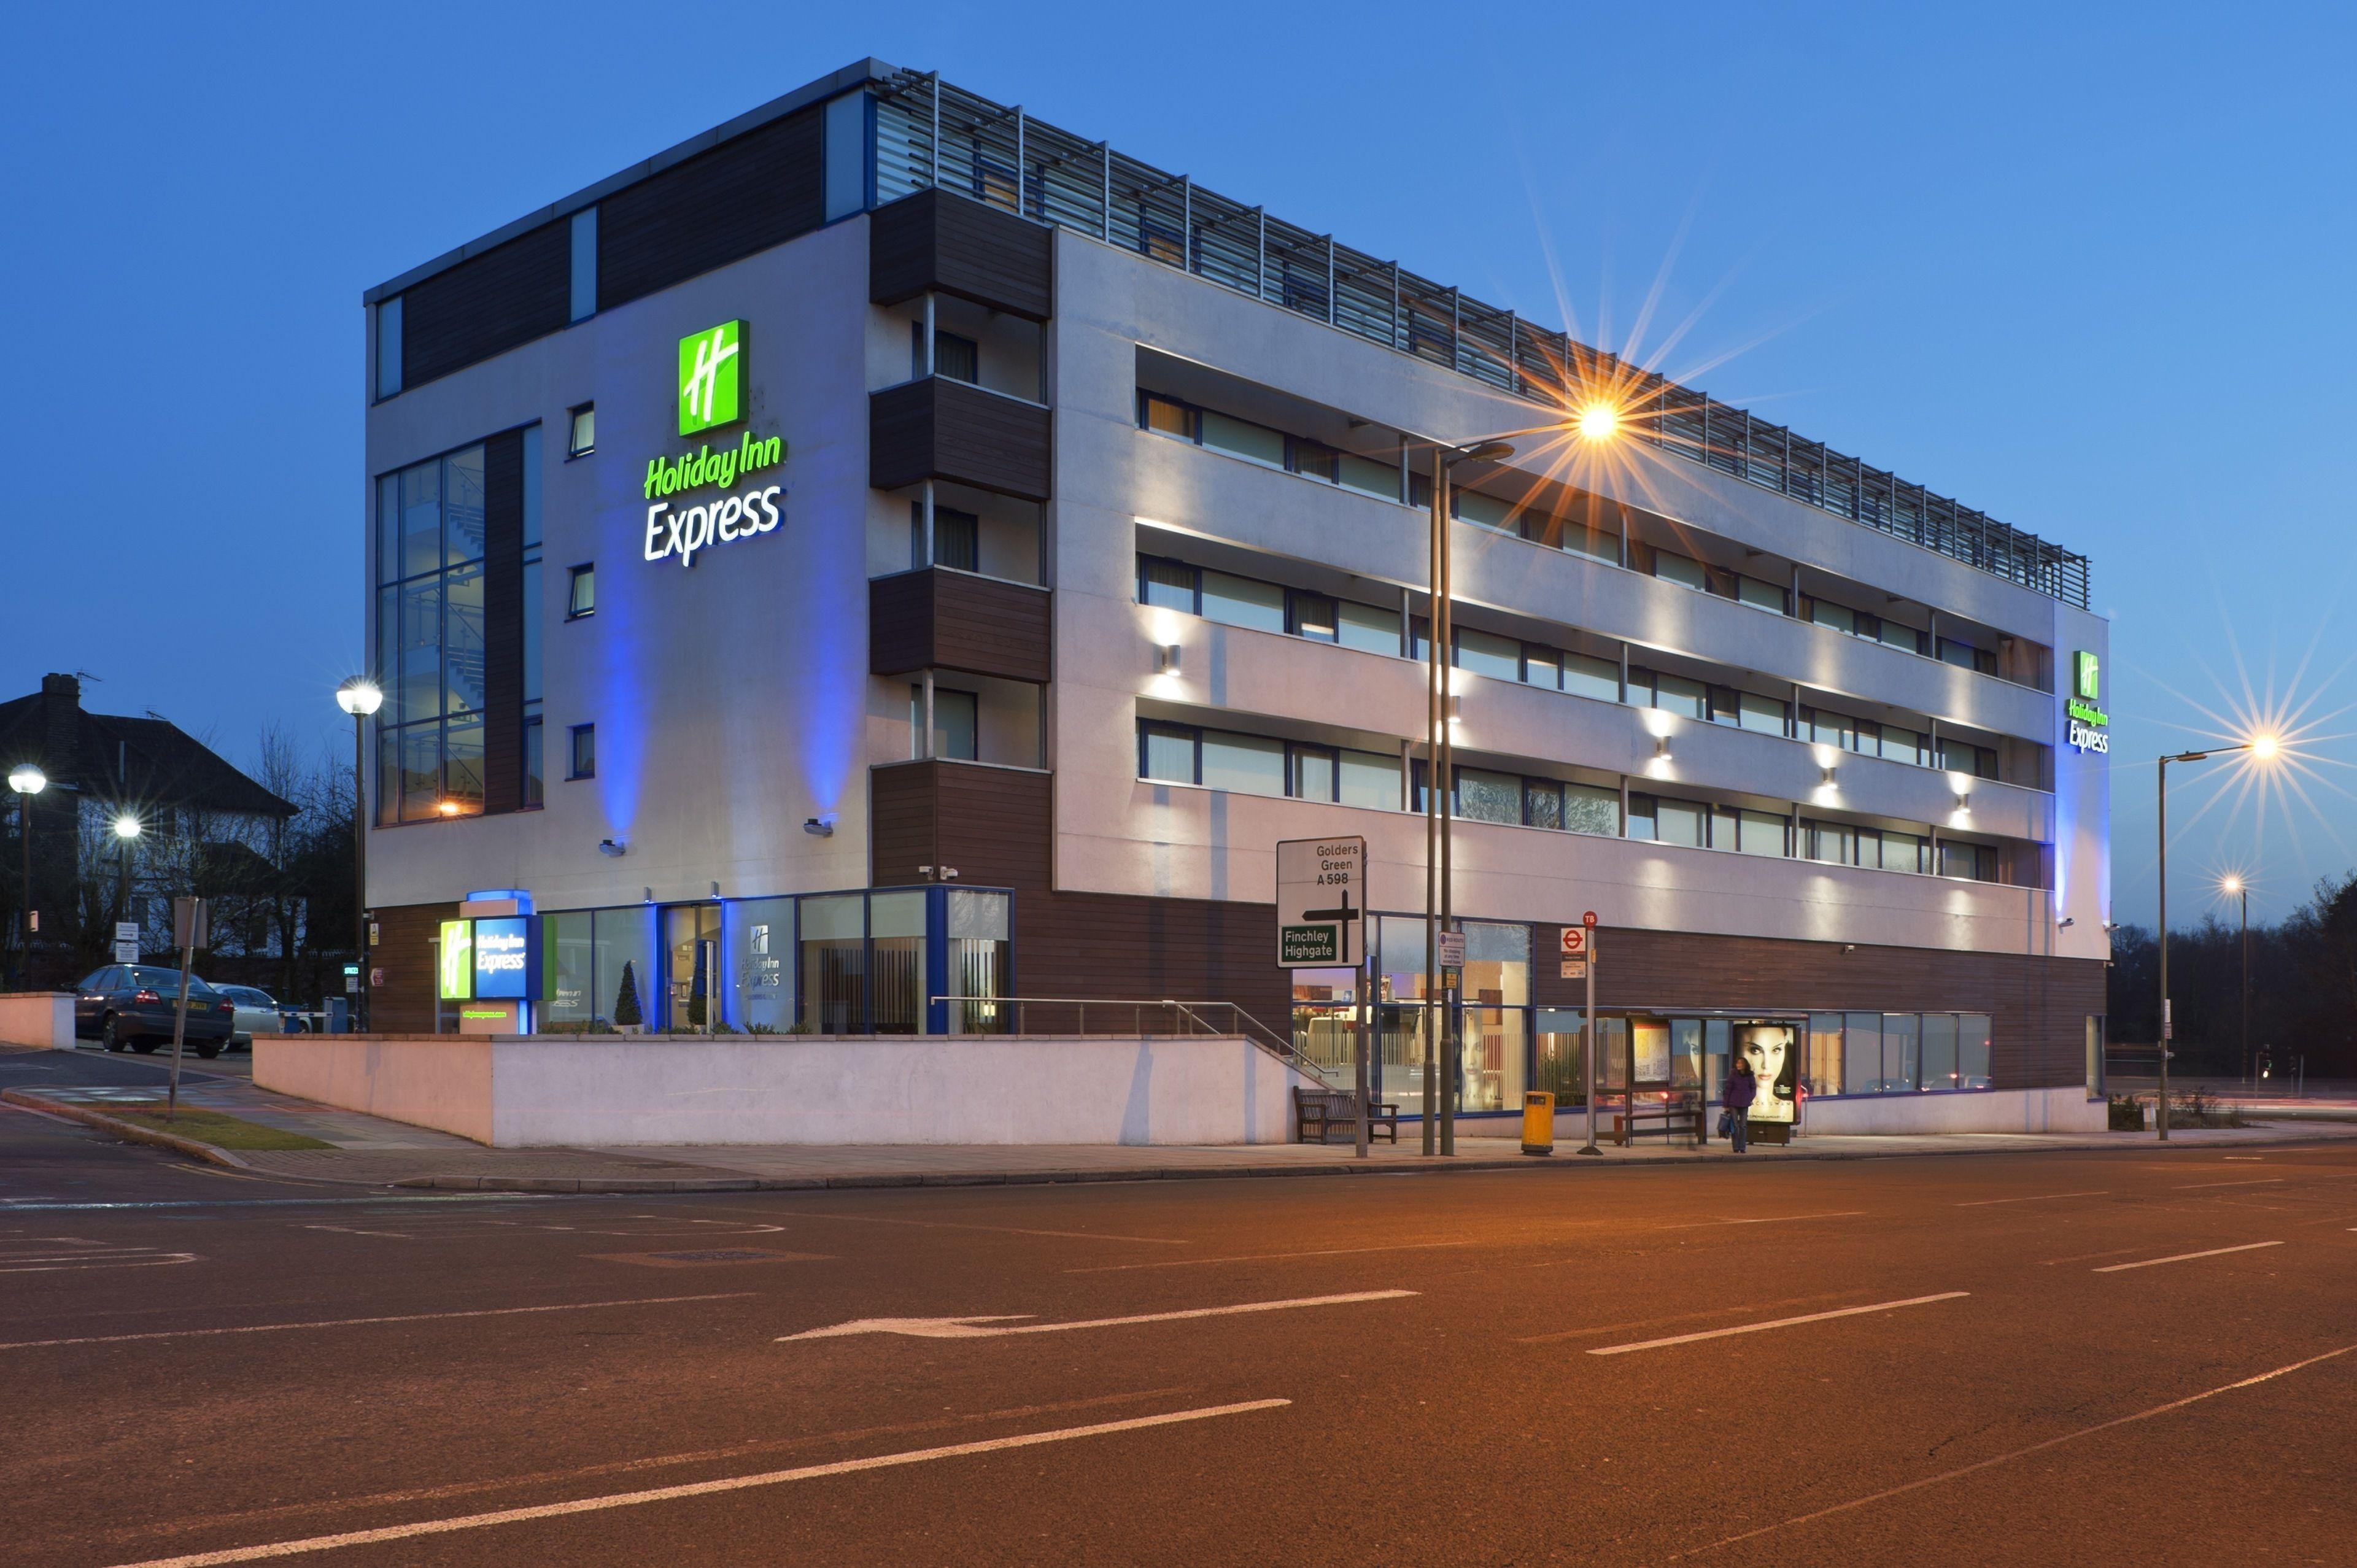 Holiday Inn Express Golders Green